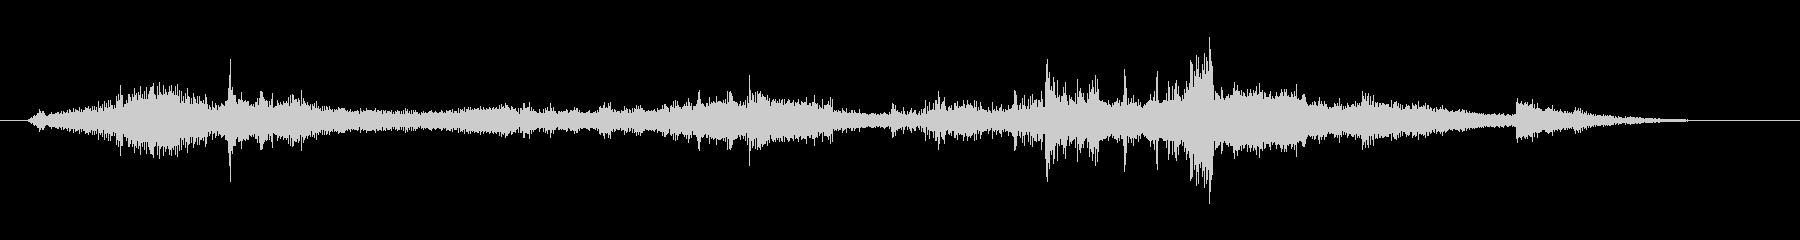 電磁波・電気がイメージのアイキャッチ音の未再生の波形